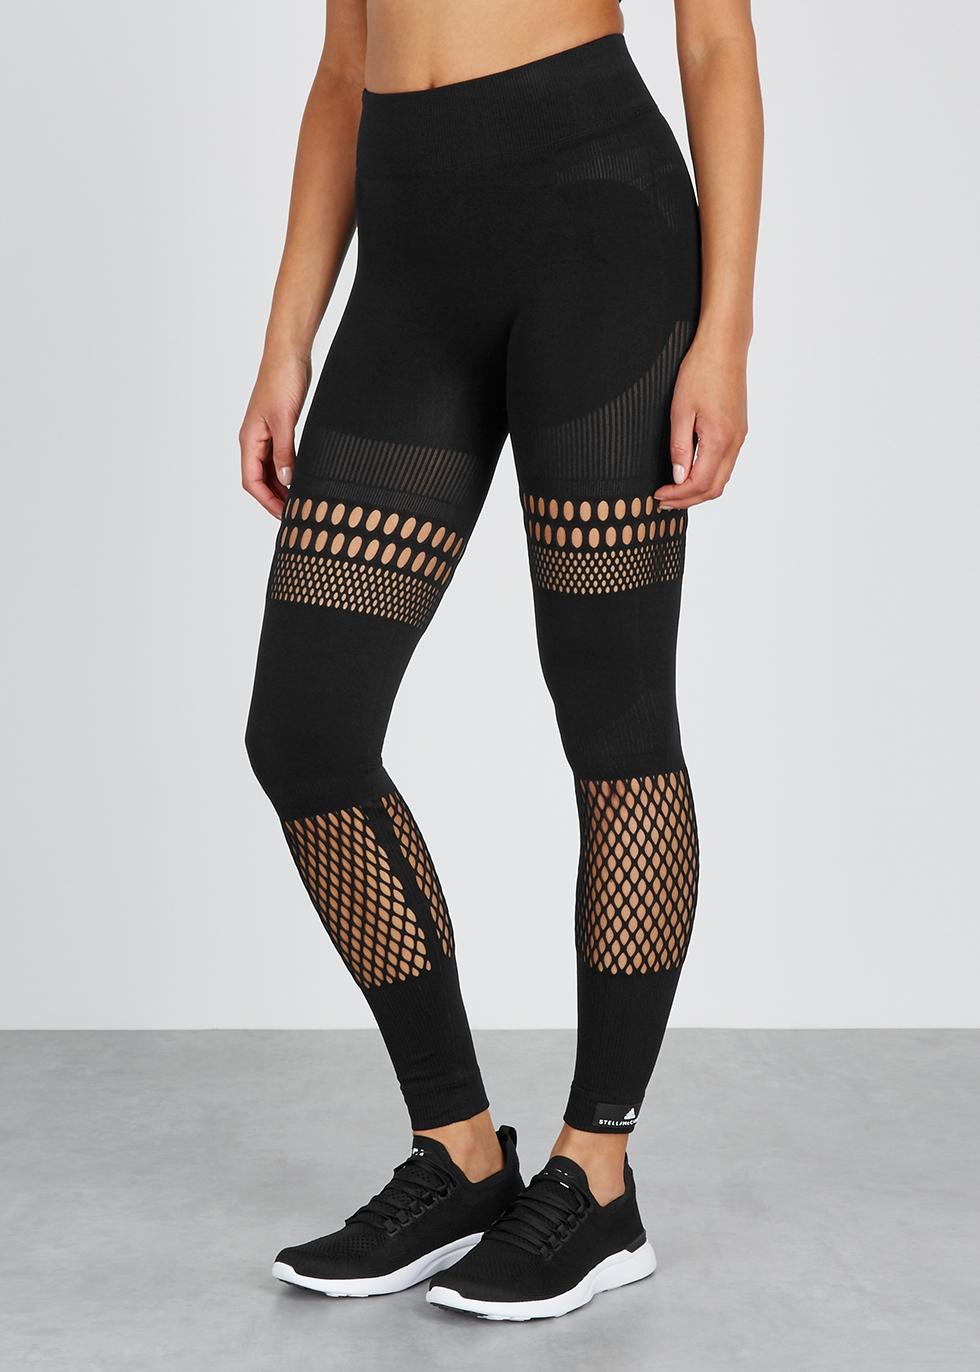 Black laser-cut leggings - adidas X Stella McCartney